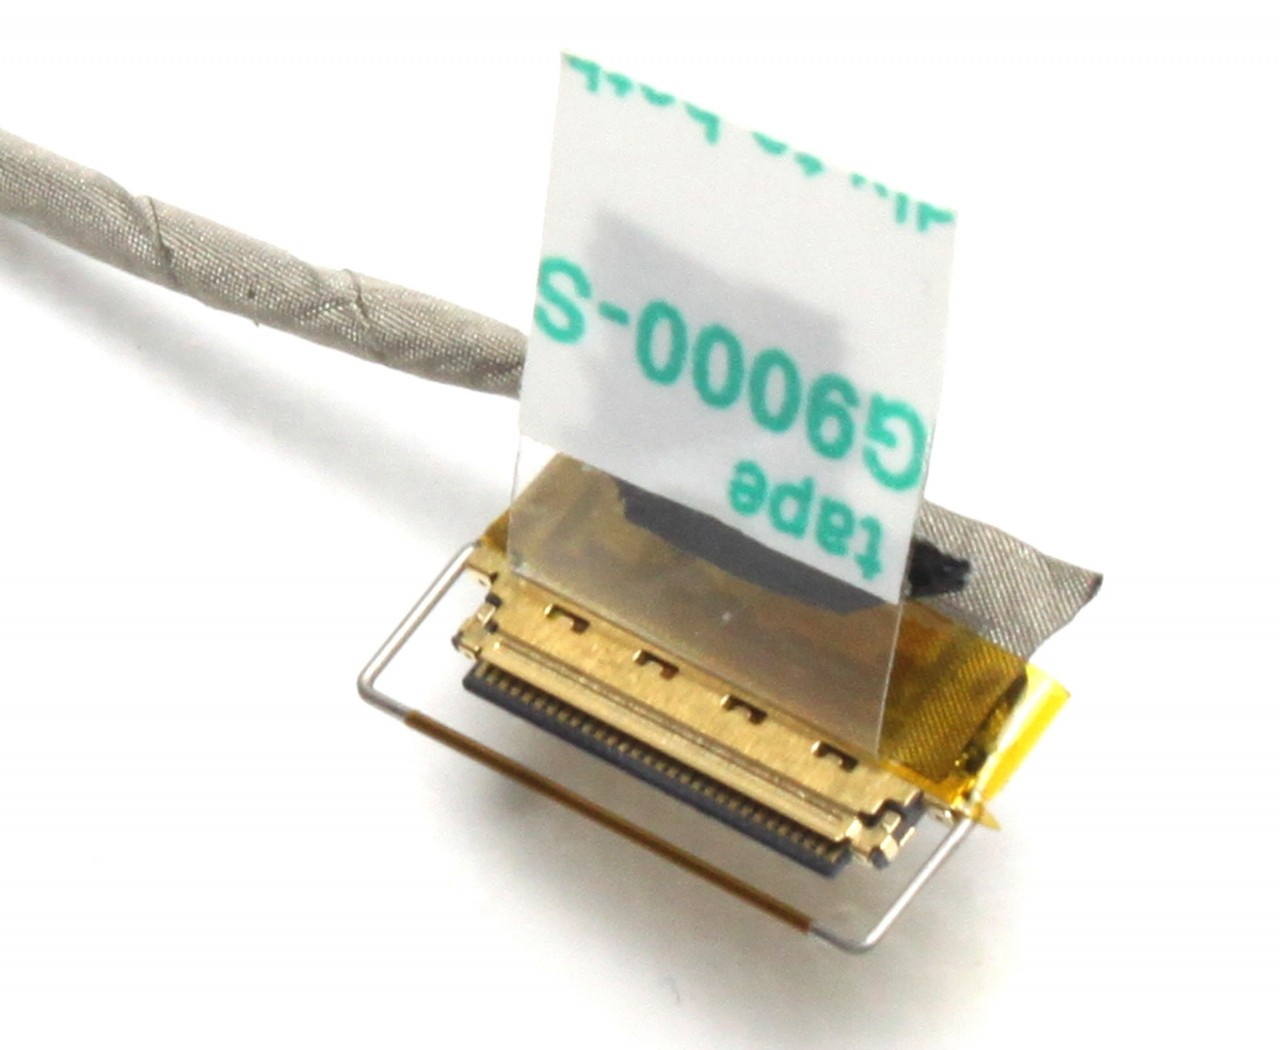 Cablu video eDP Dell 0FKGC9 imagine powerlaptop.ro 2021